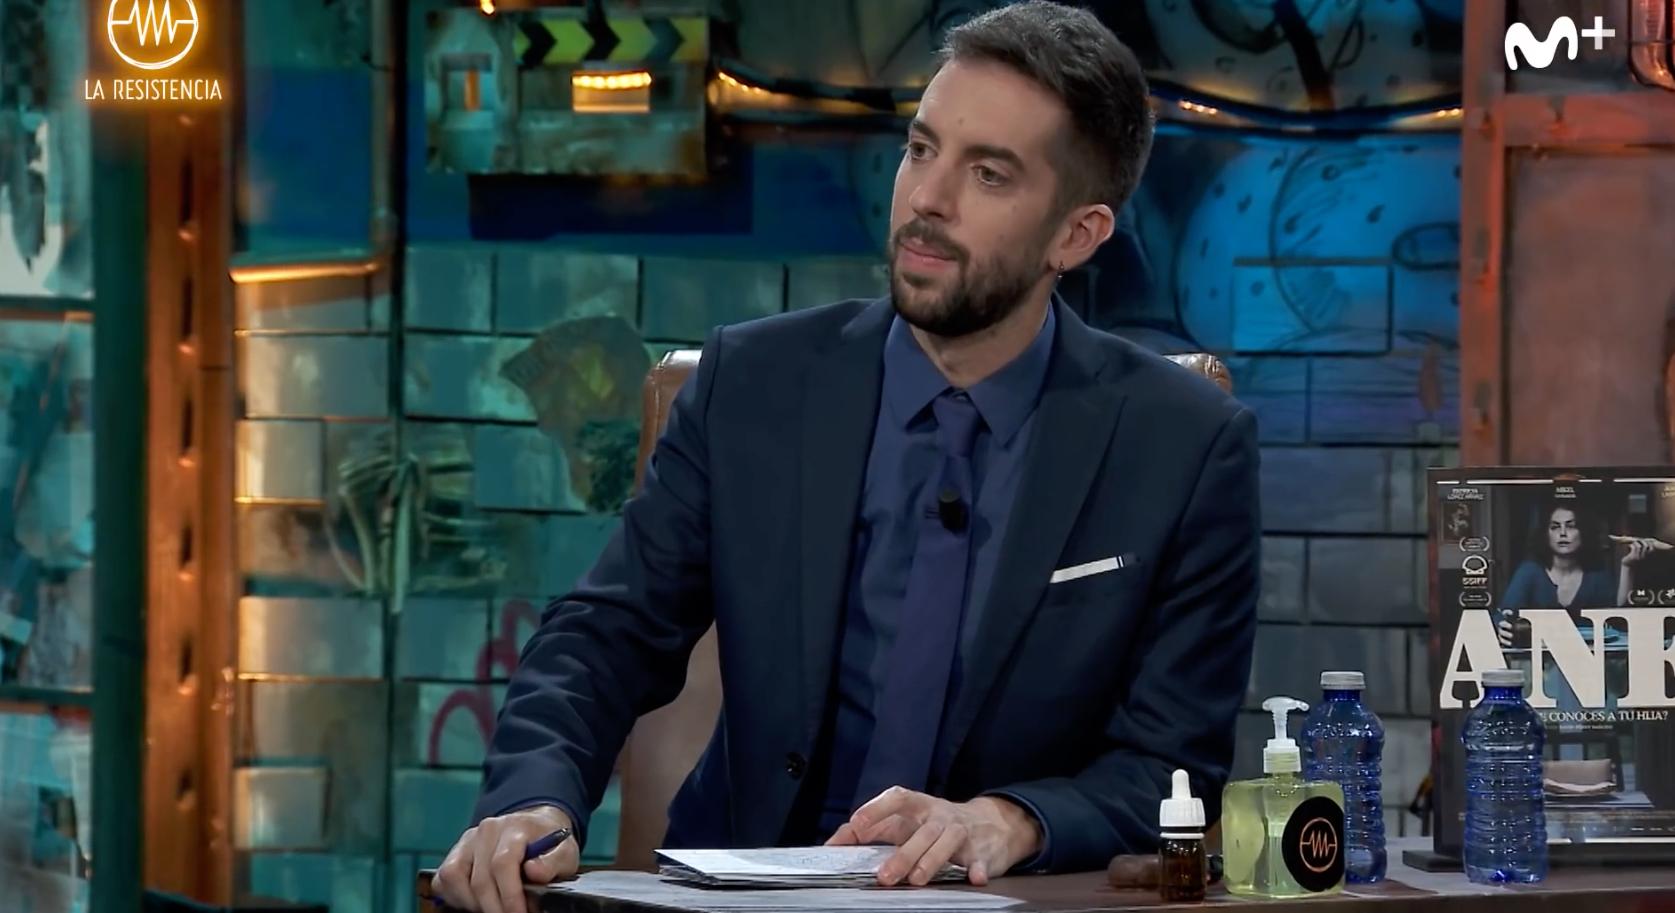 David Broncano anuncia que ha trencat amb la xicota en directe / Movistar +